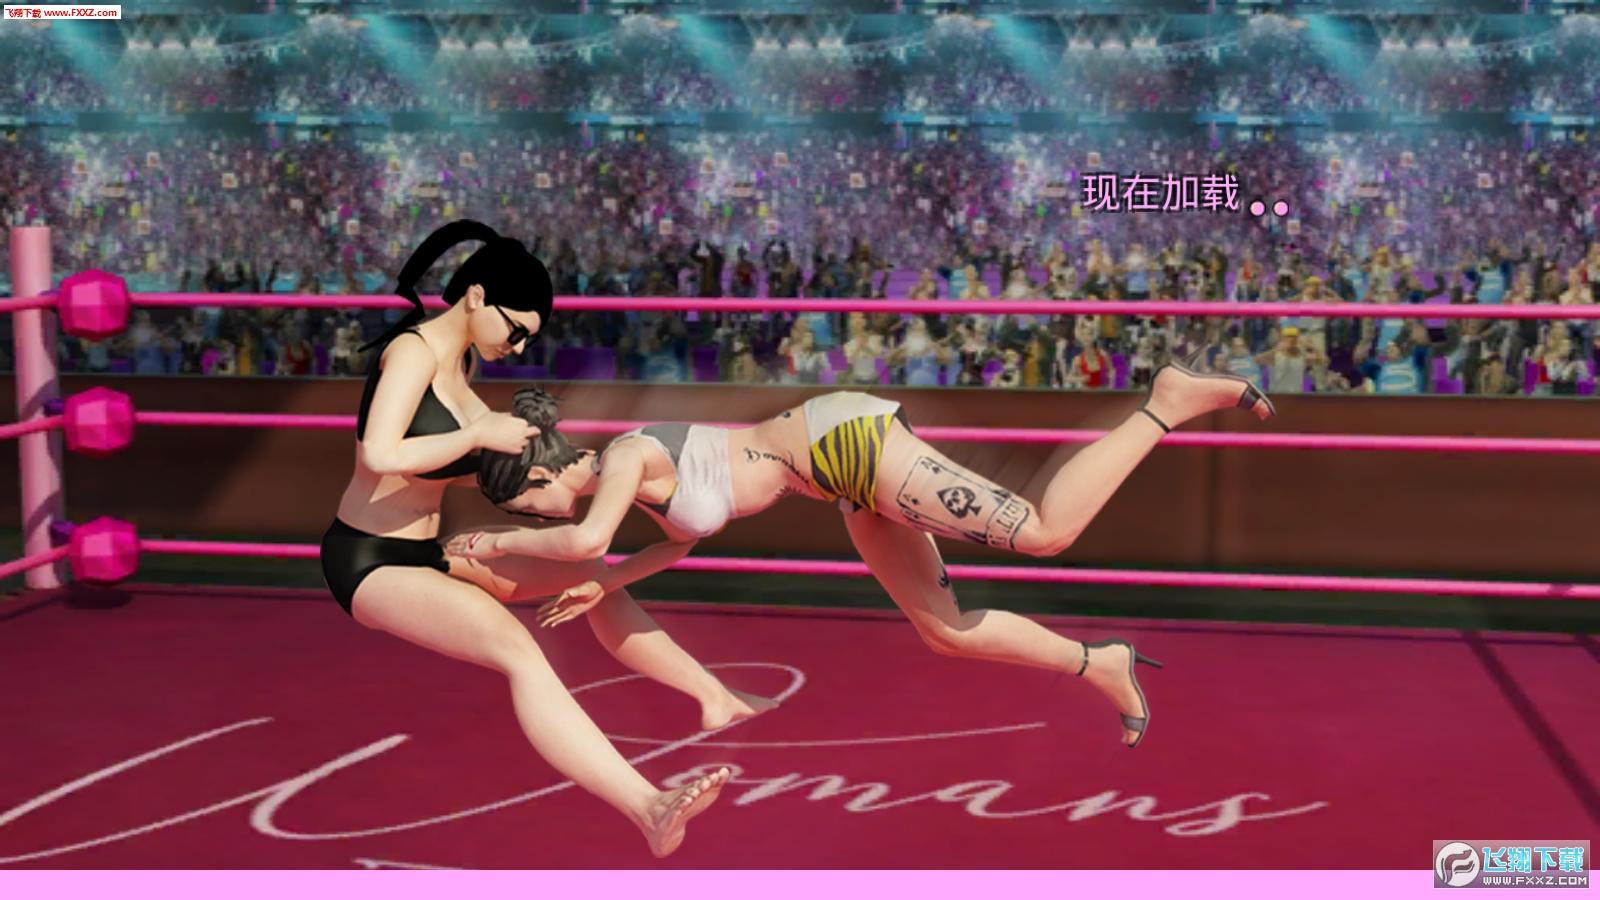 坏女孩摔跤2018中文版截图0